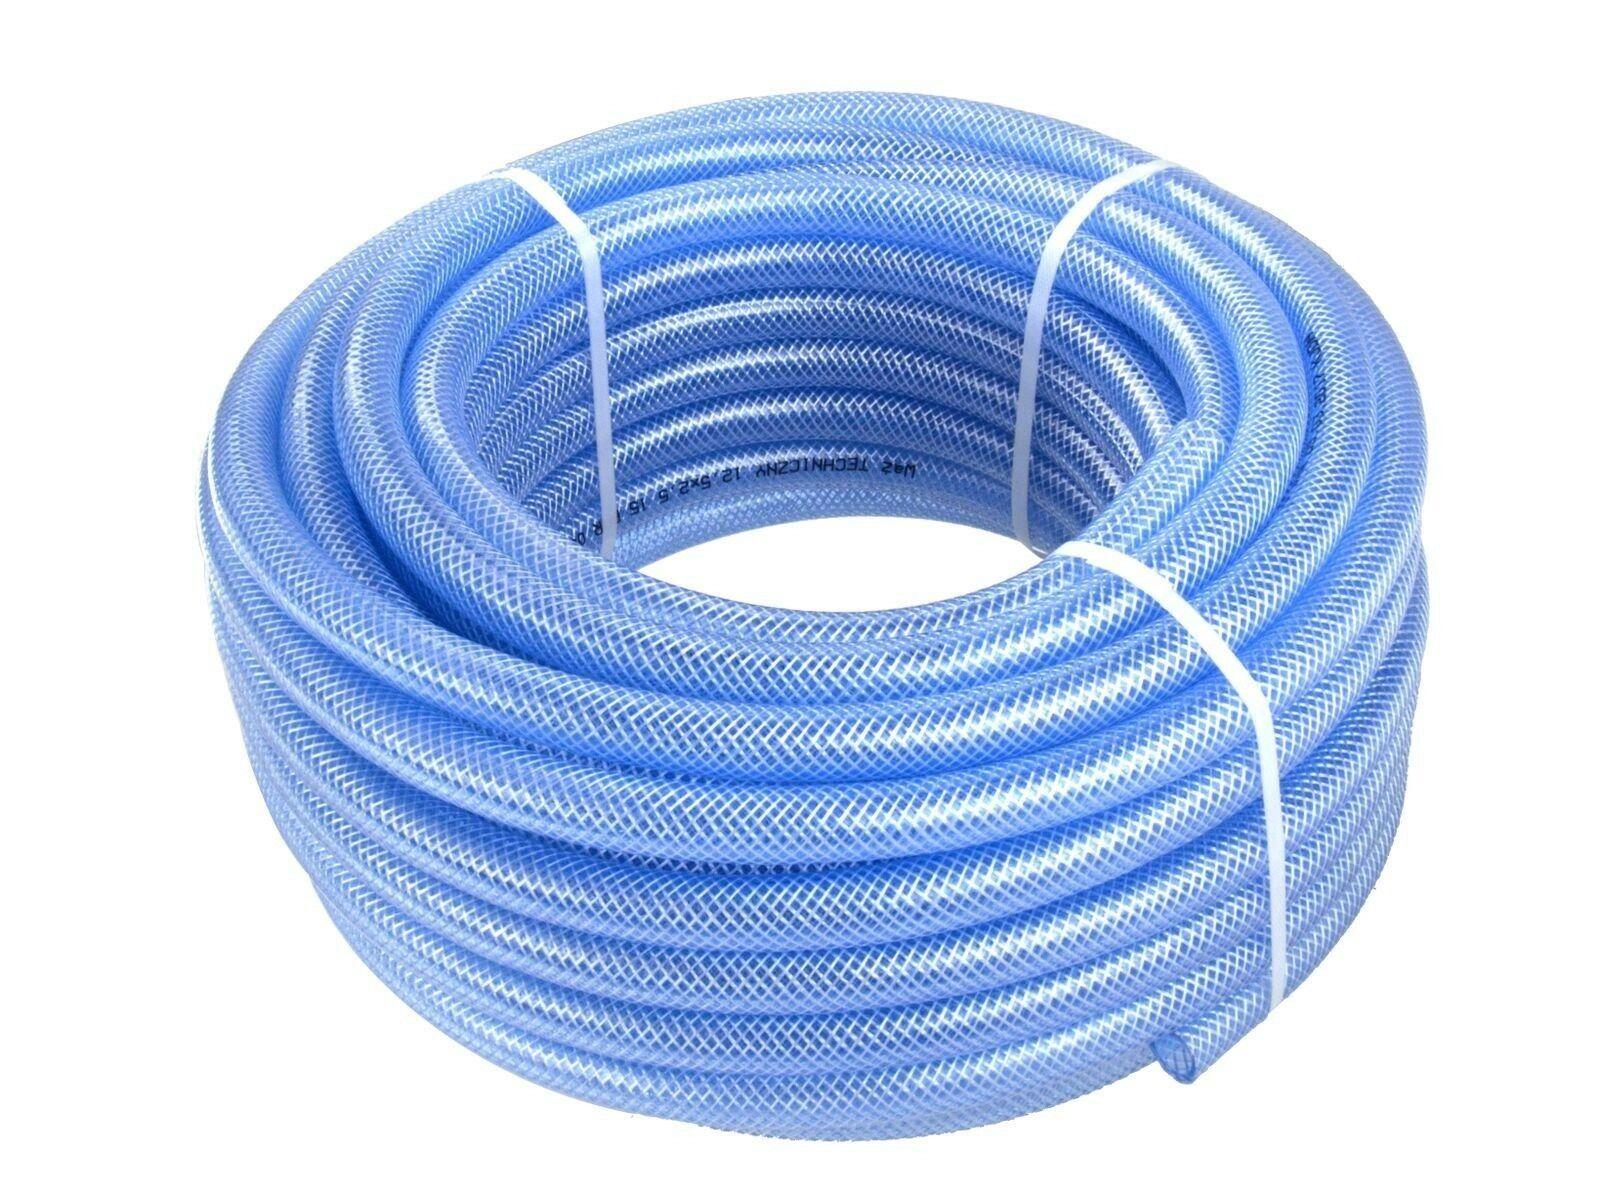 Hadice zesílená modrá, 16x3 mm, 50 m GEKO